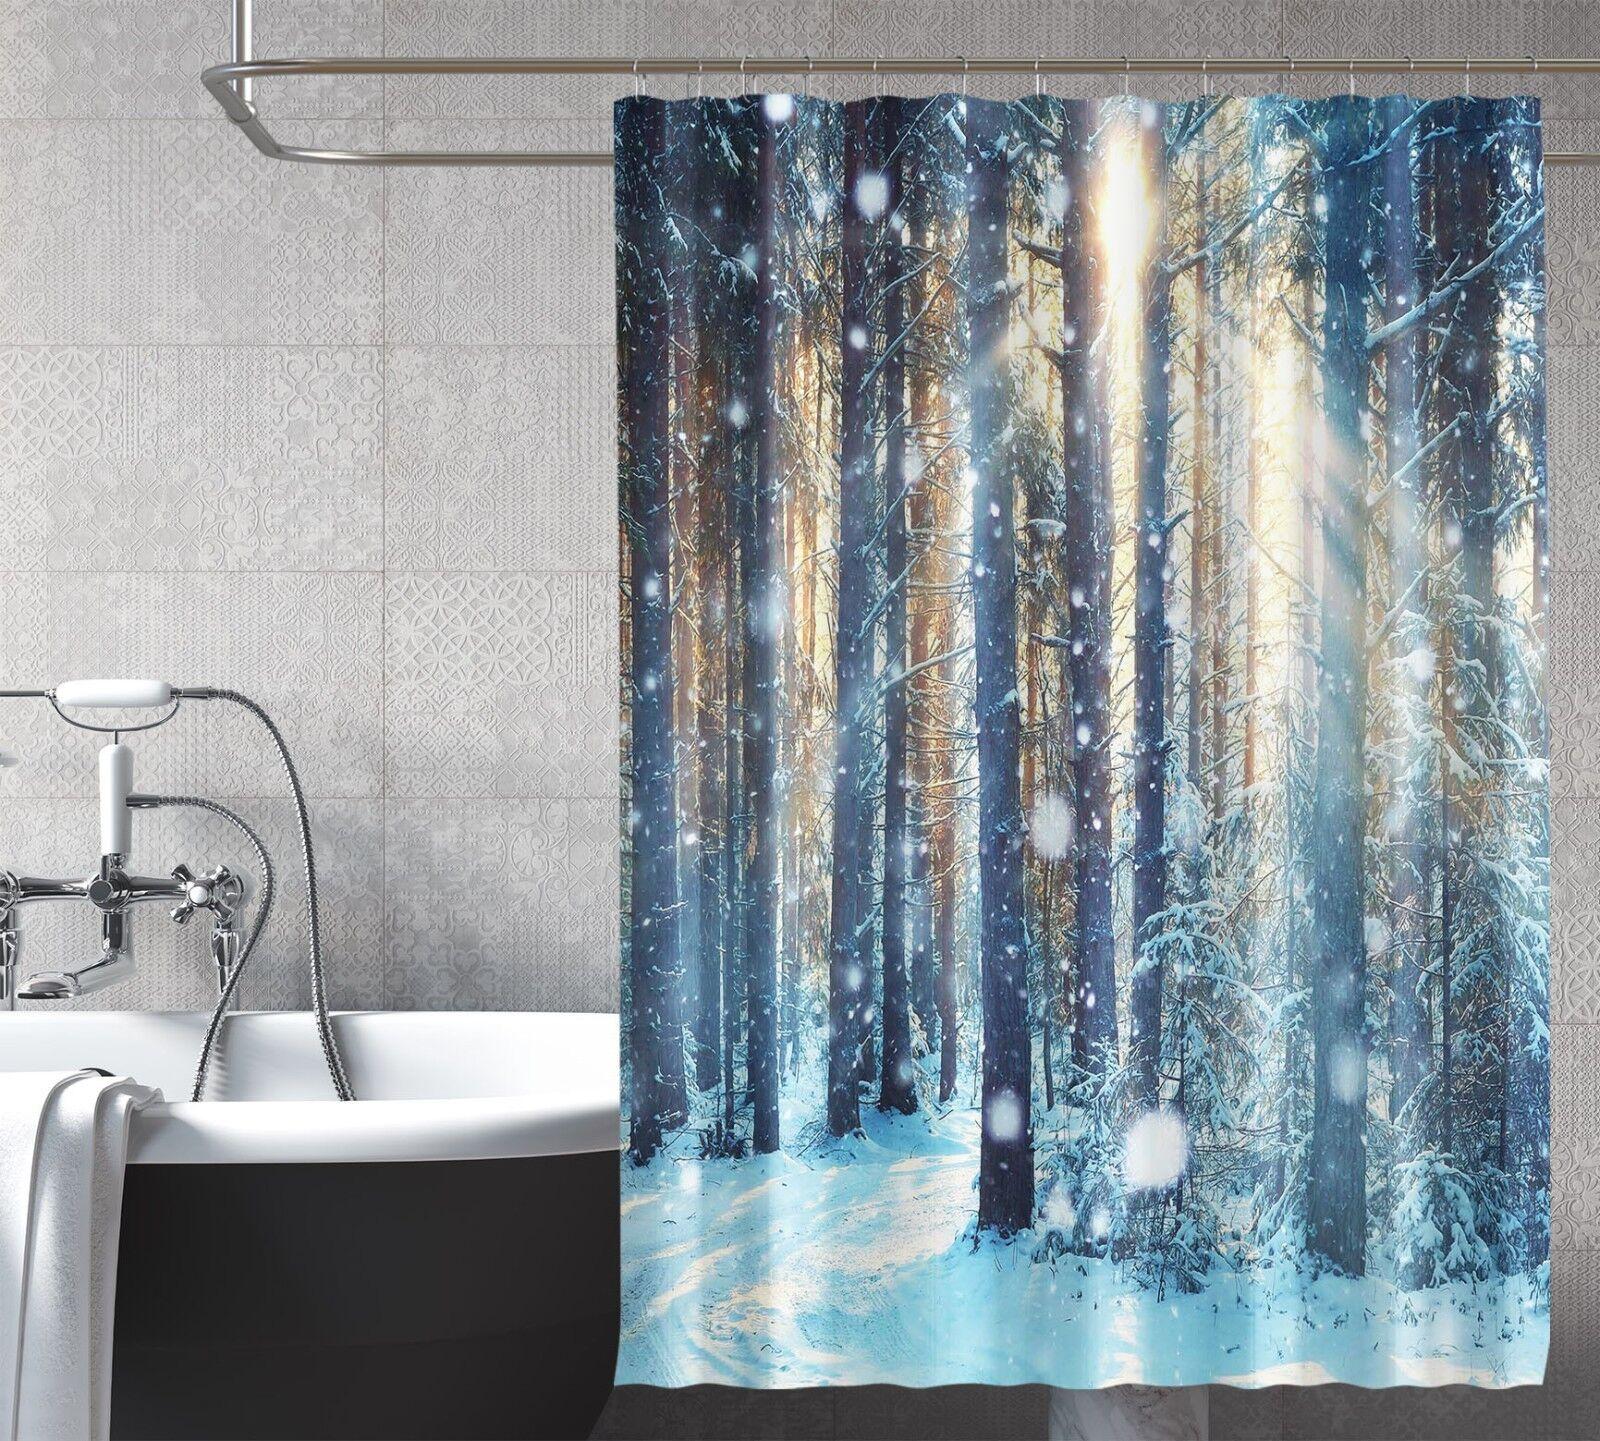 3D Schnee Baum 261 Duschvorhang Wasserdicht Faser Bad Daheim Windows Toilette DE | Elegante und robuste Verpackung